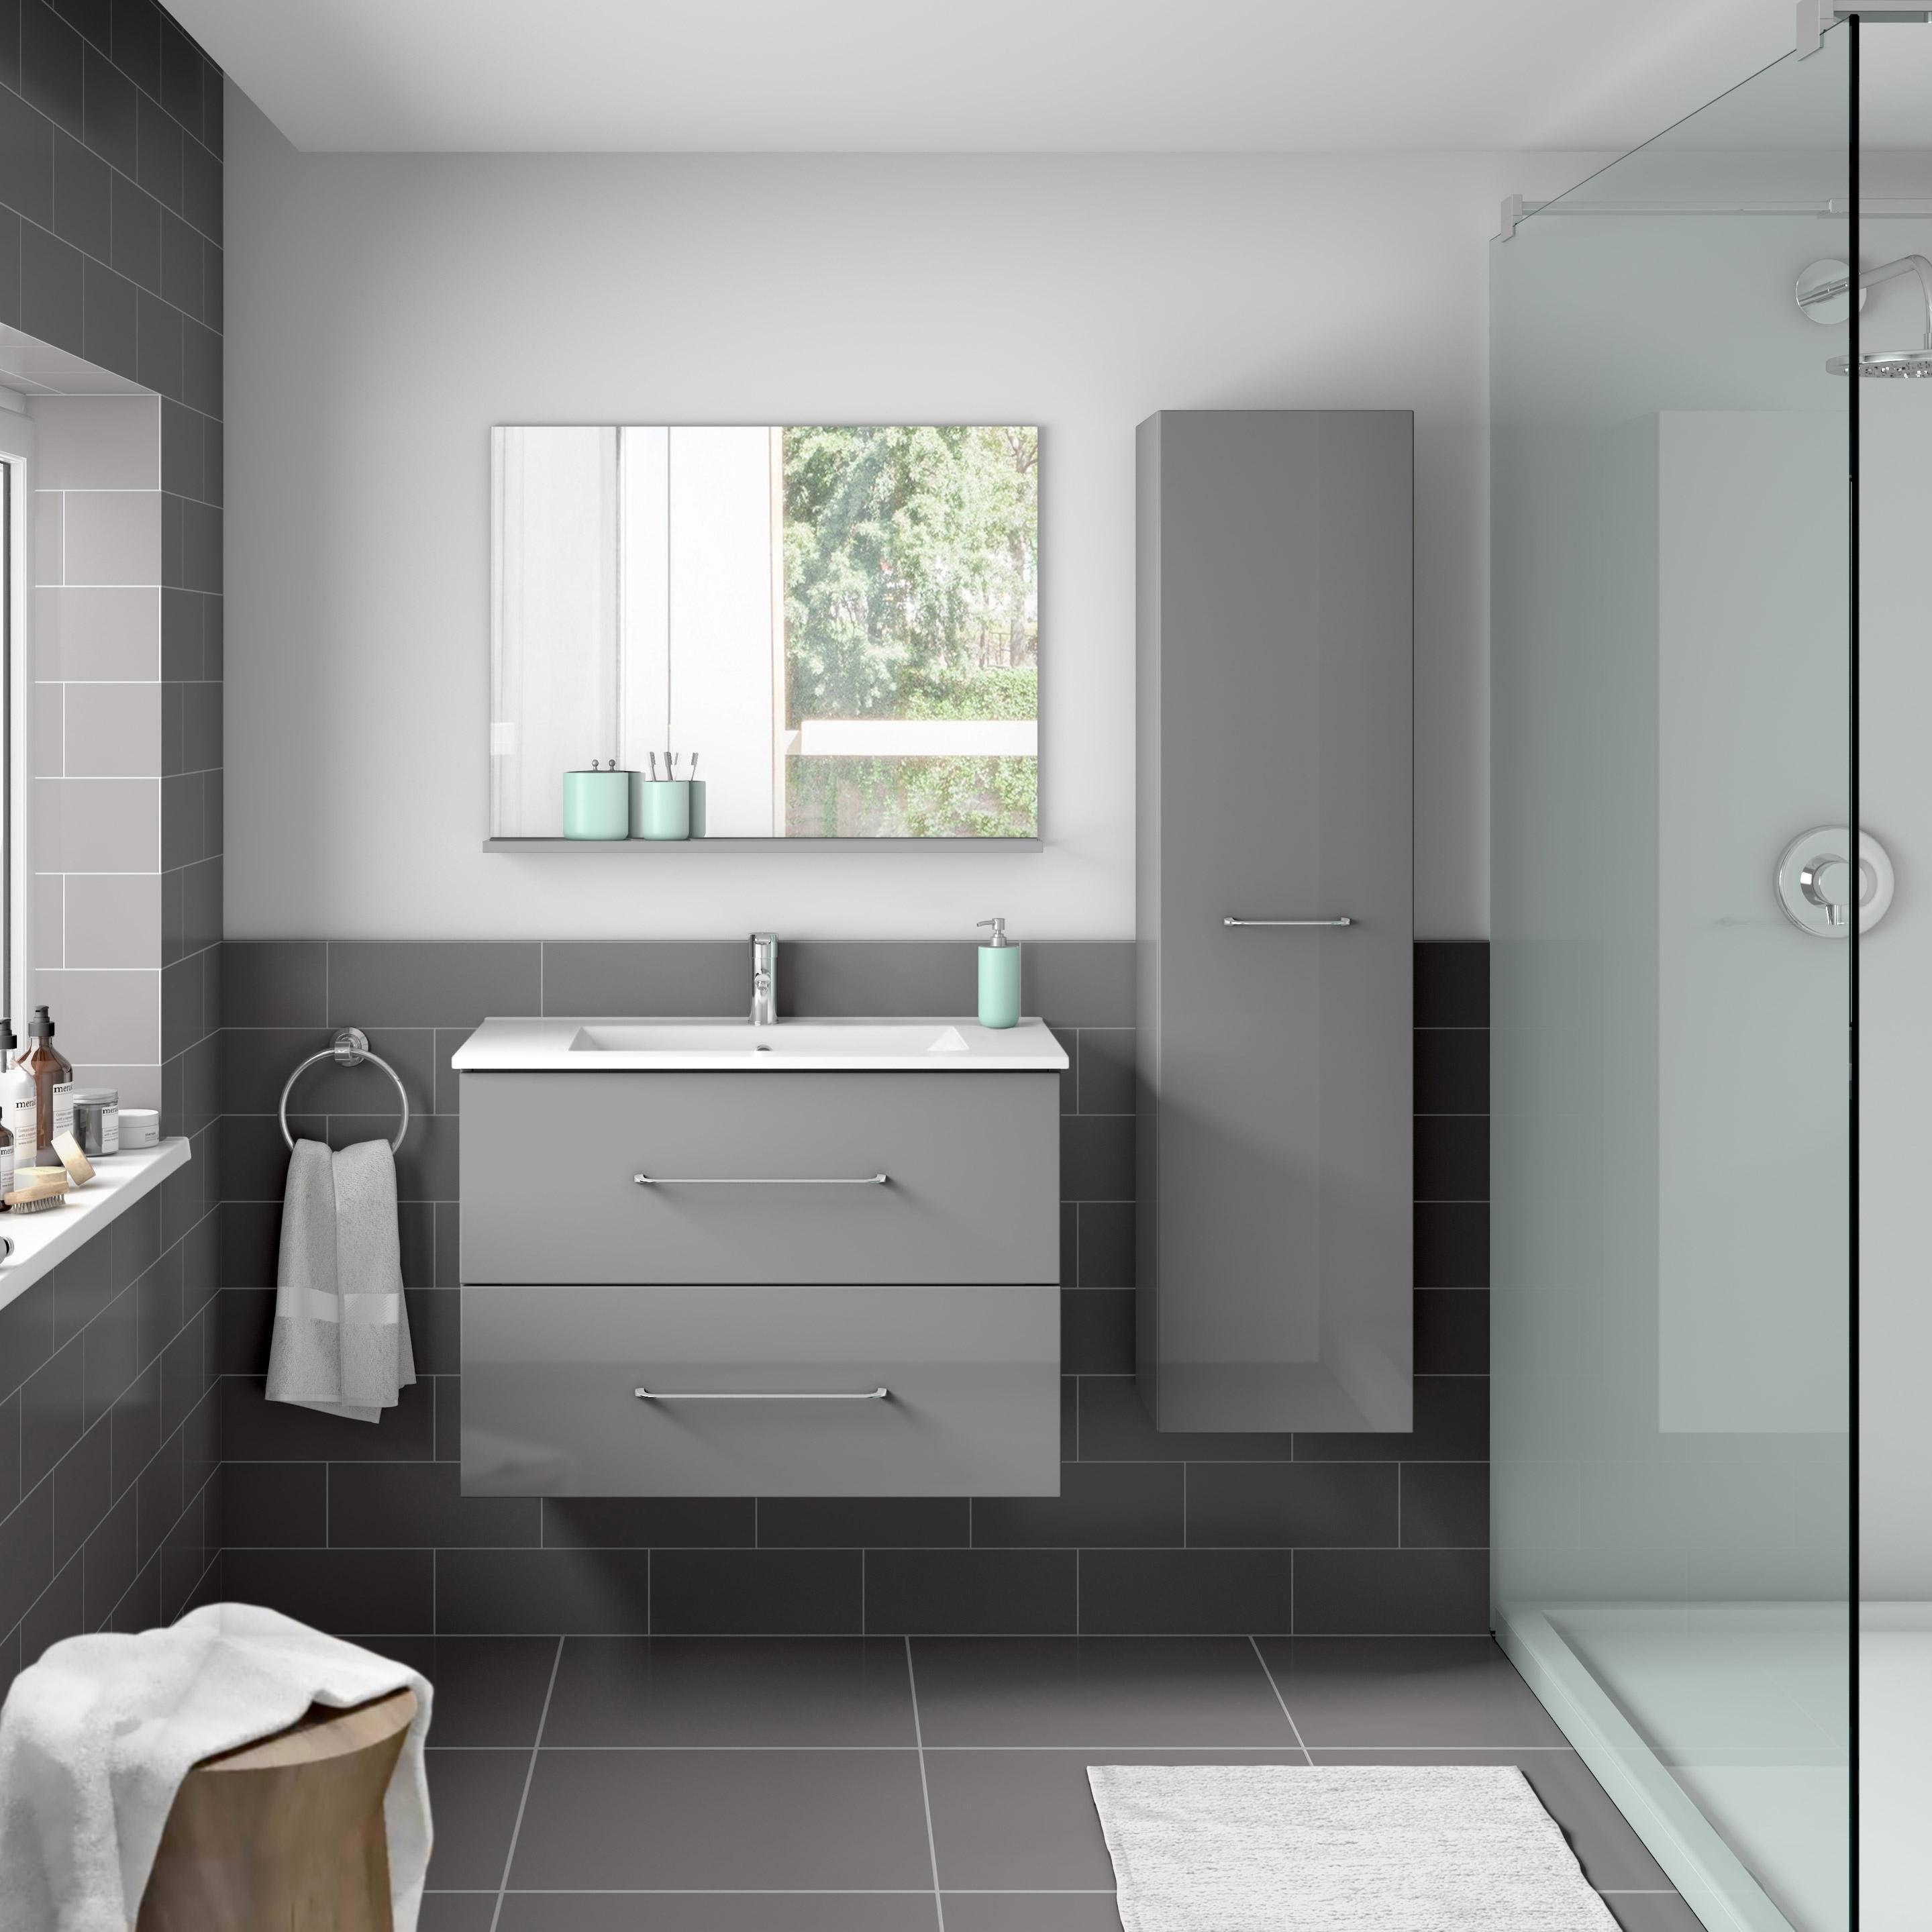 Image Salle De Bain meuble de salle de bains l.69.5 x h.57 x p.45 cm, gris, clik